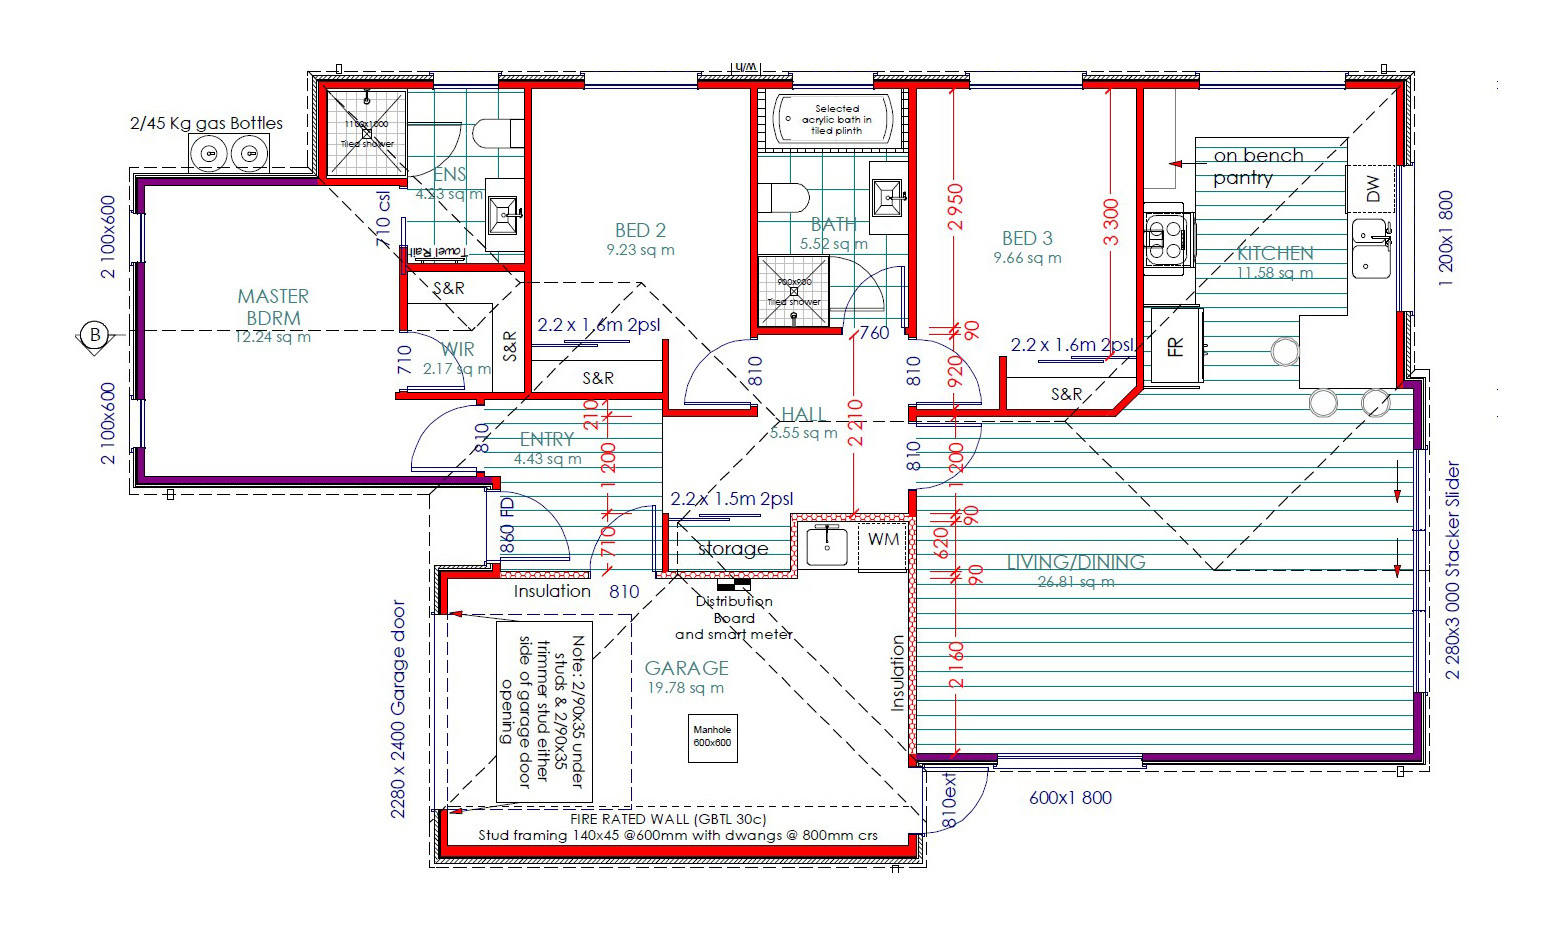 Lot 285 286 Floor Plan.jpg